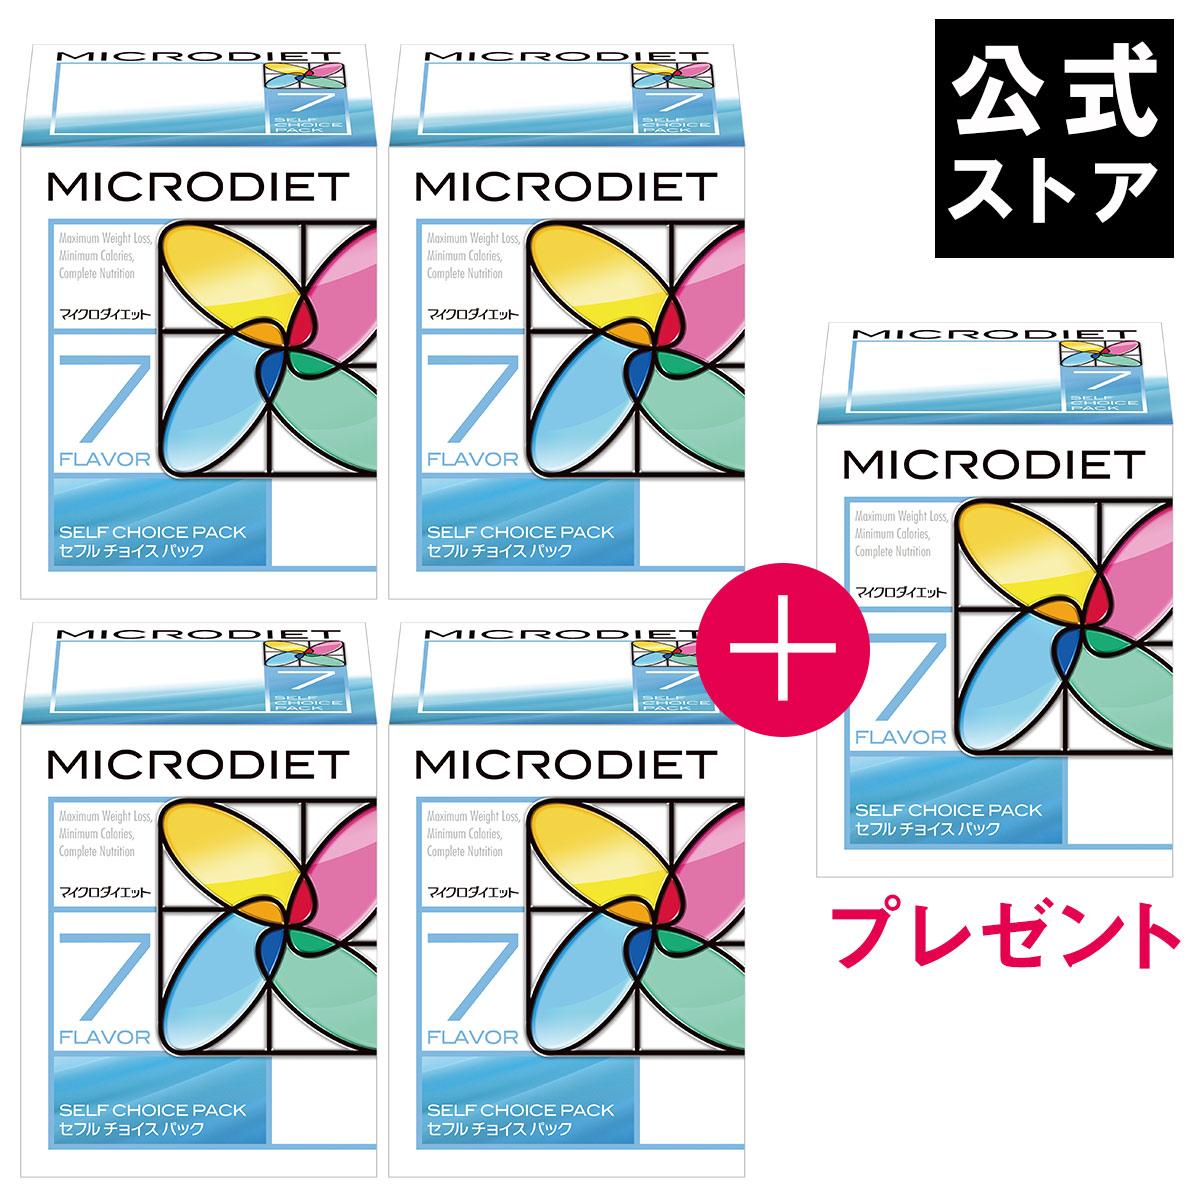 【正規】マイクロダイエット ドリンク 7食 お好きな味4箱&1箱プレゼント【60R20-47446】